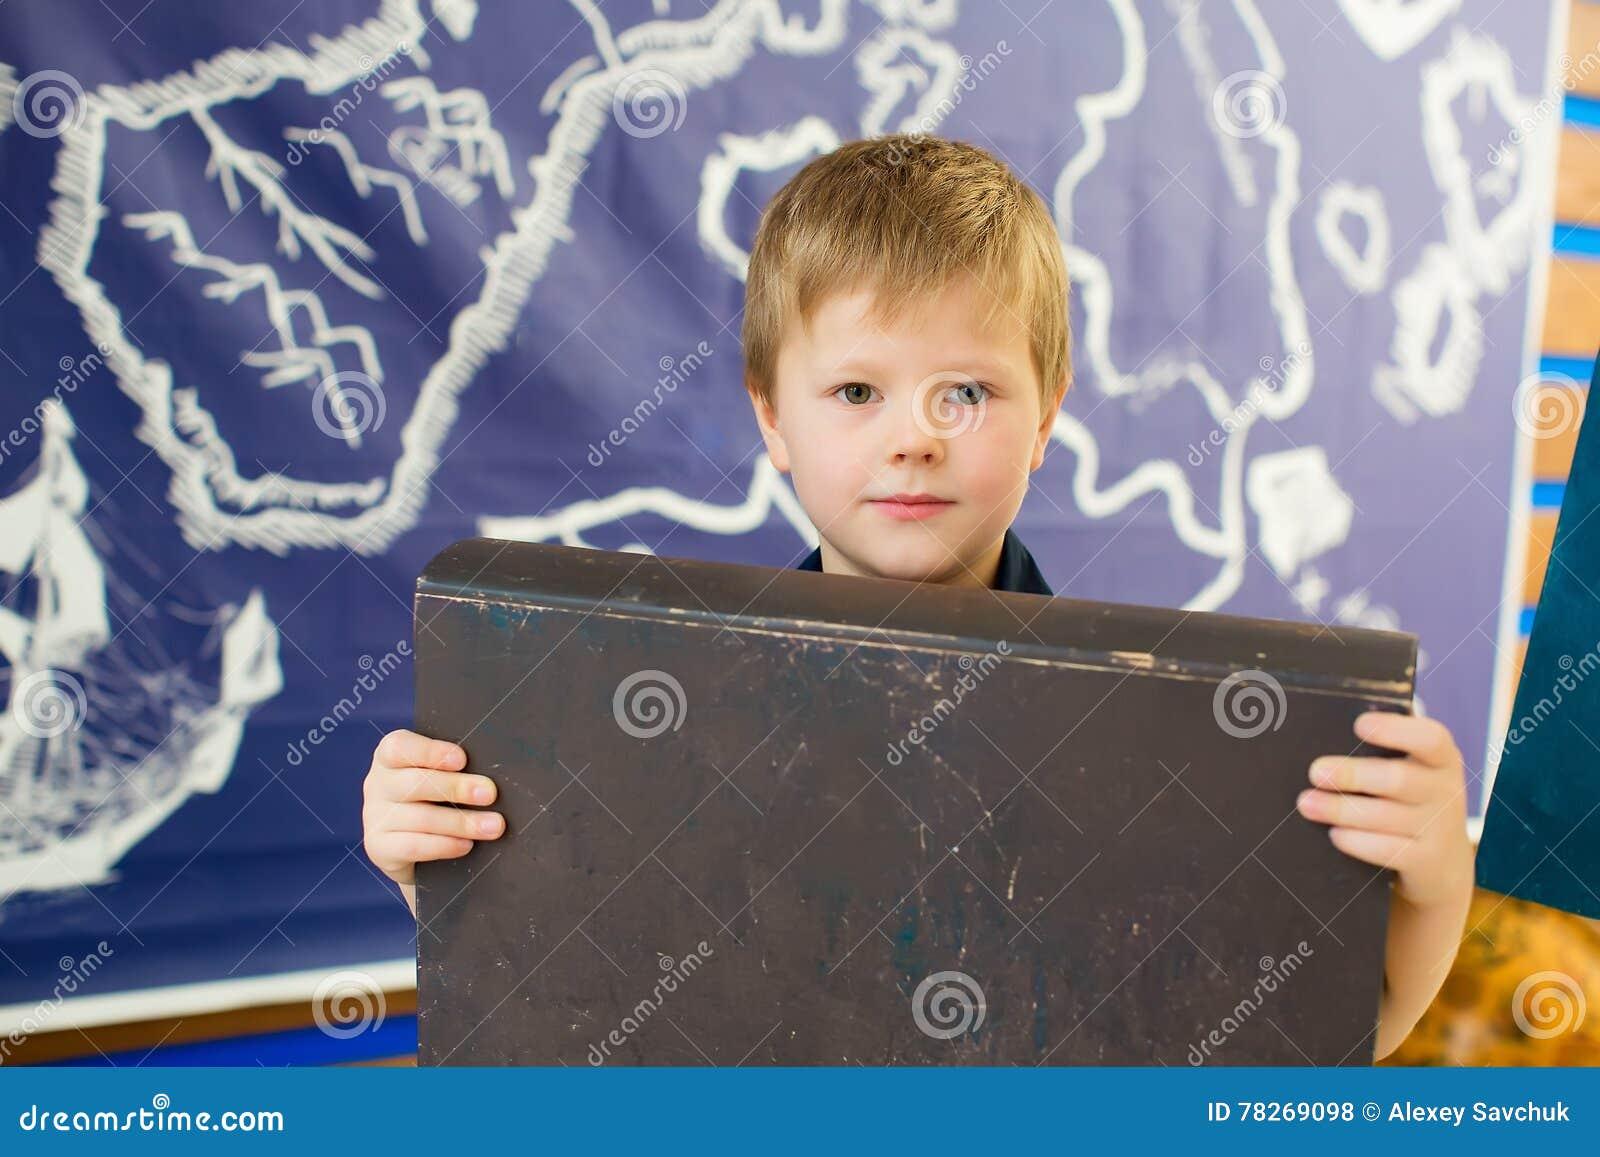 Мальчик держит книгу Темная крышка для ярлыка